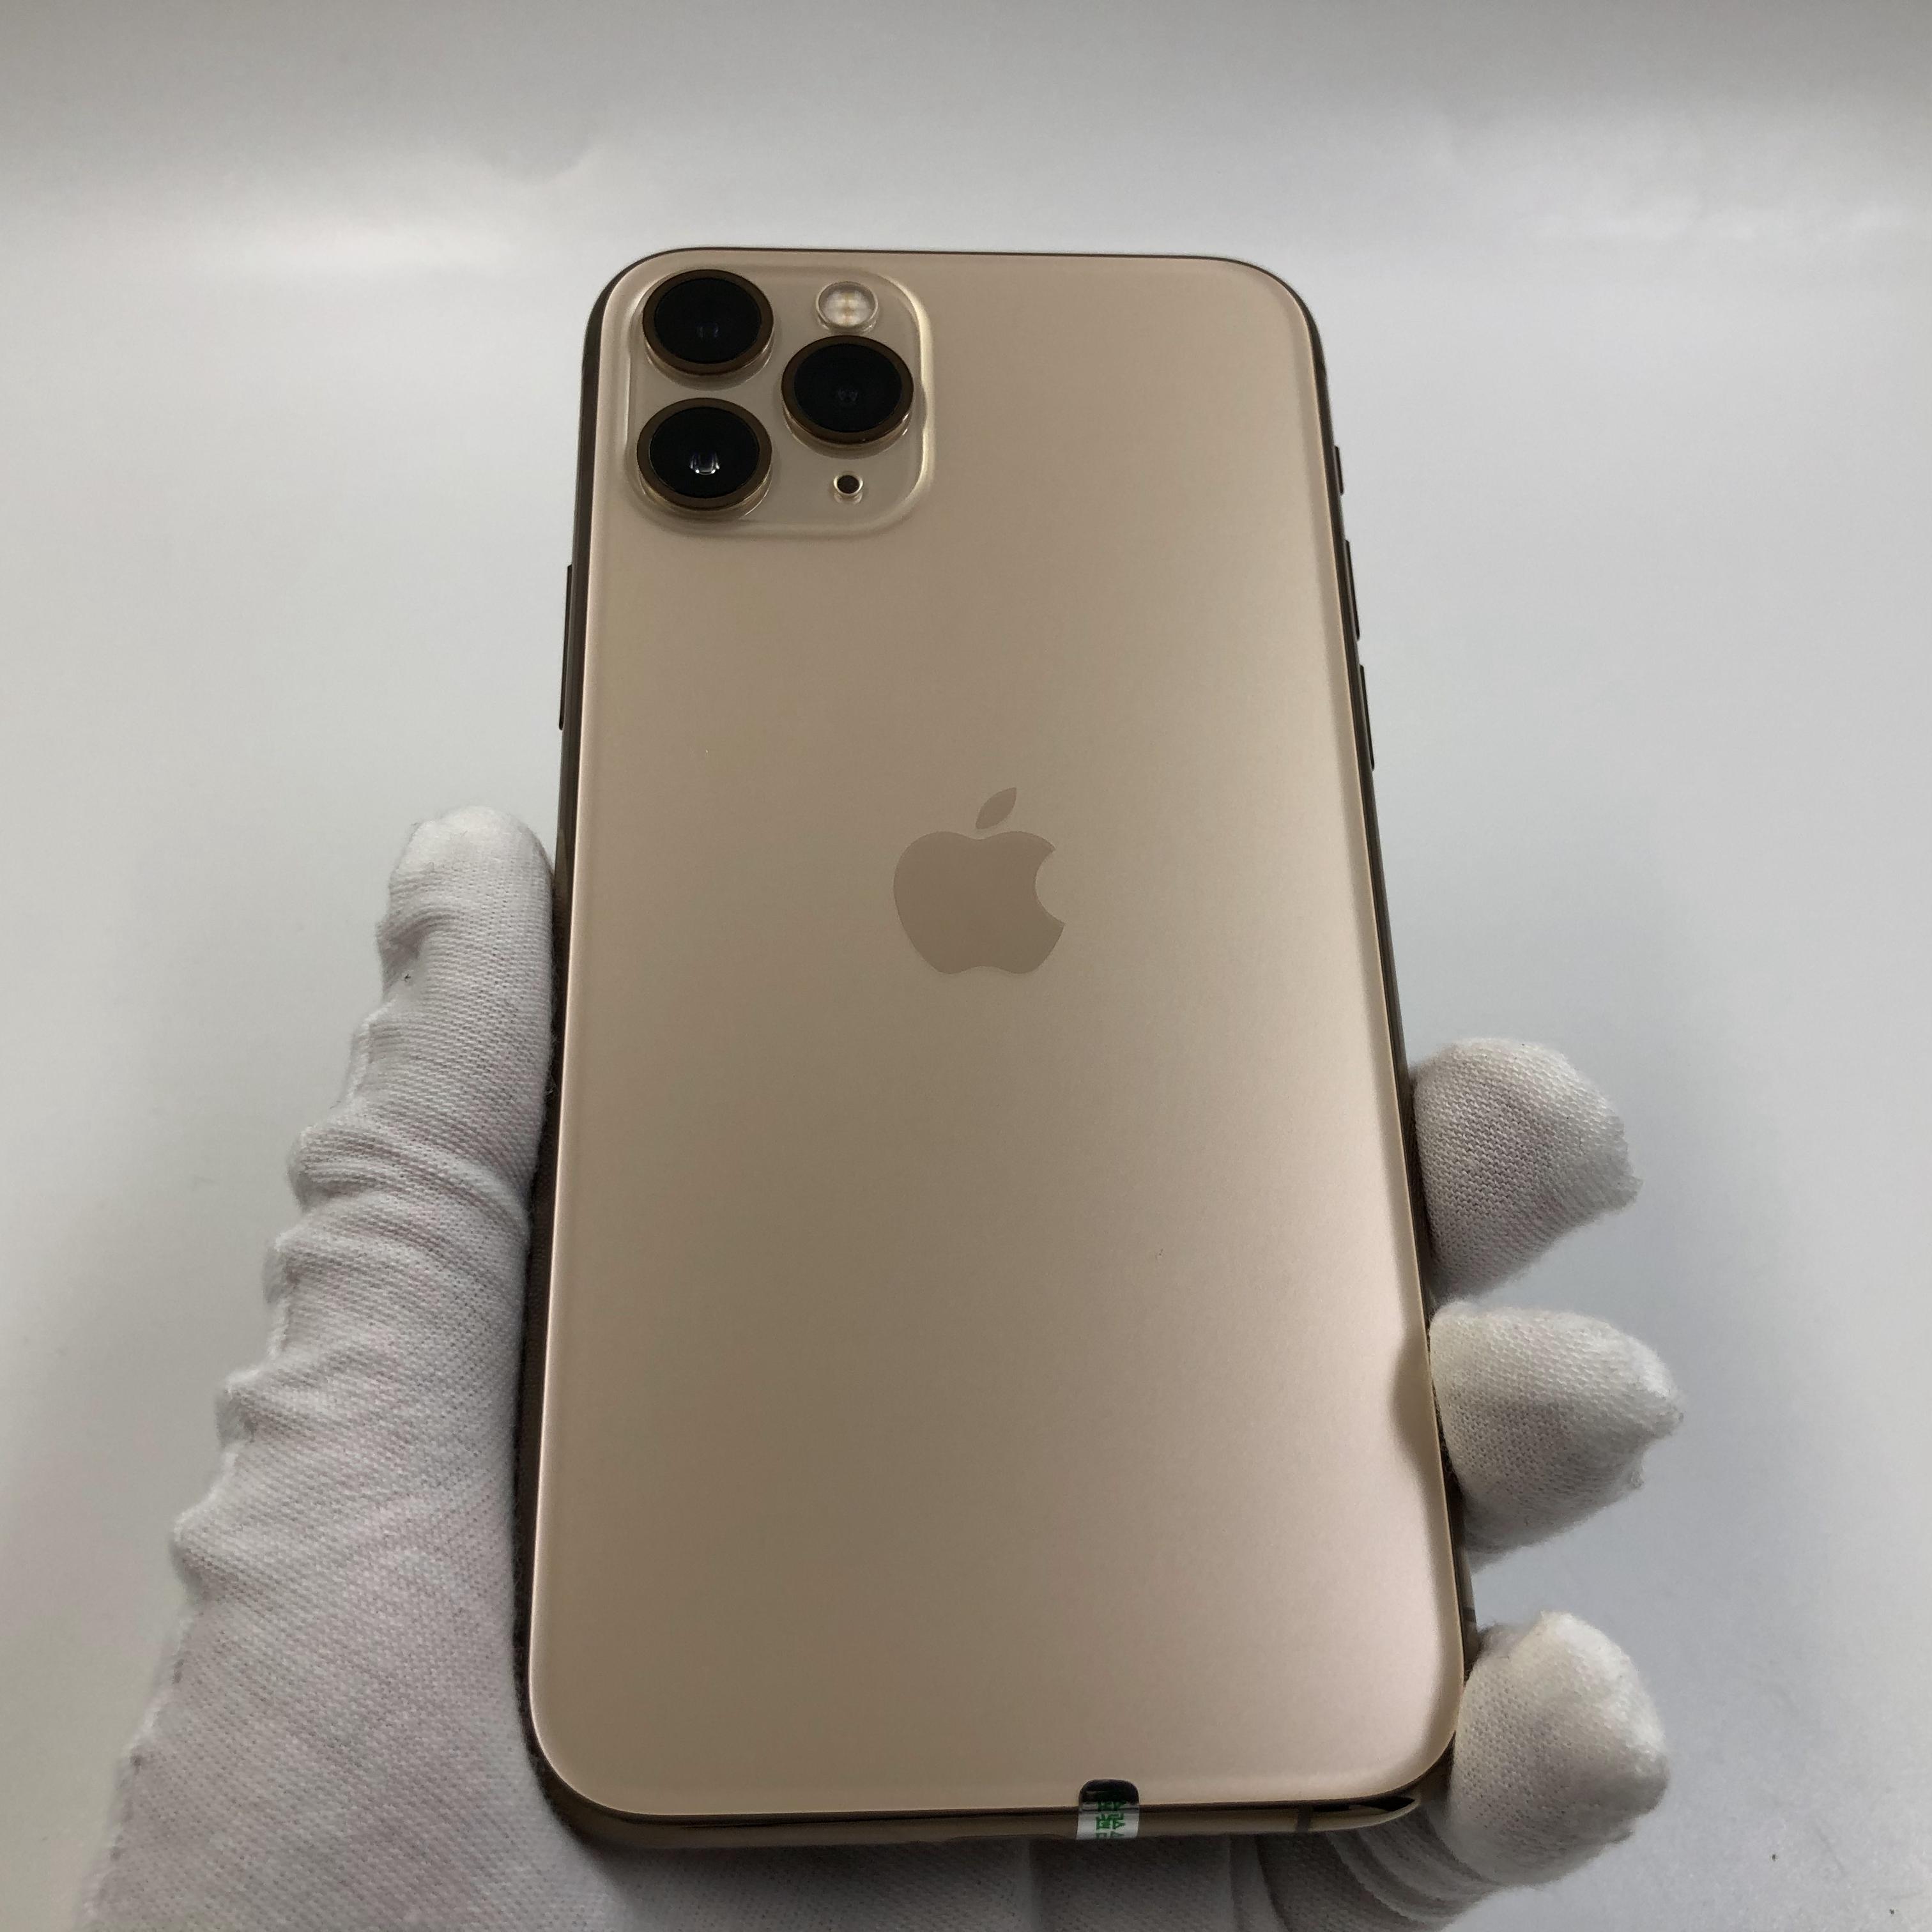 苹果【iPhone 11 Pro】4G全网通 金色 256G 国行 99新 真机实拍